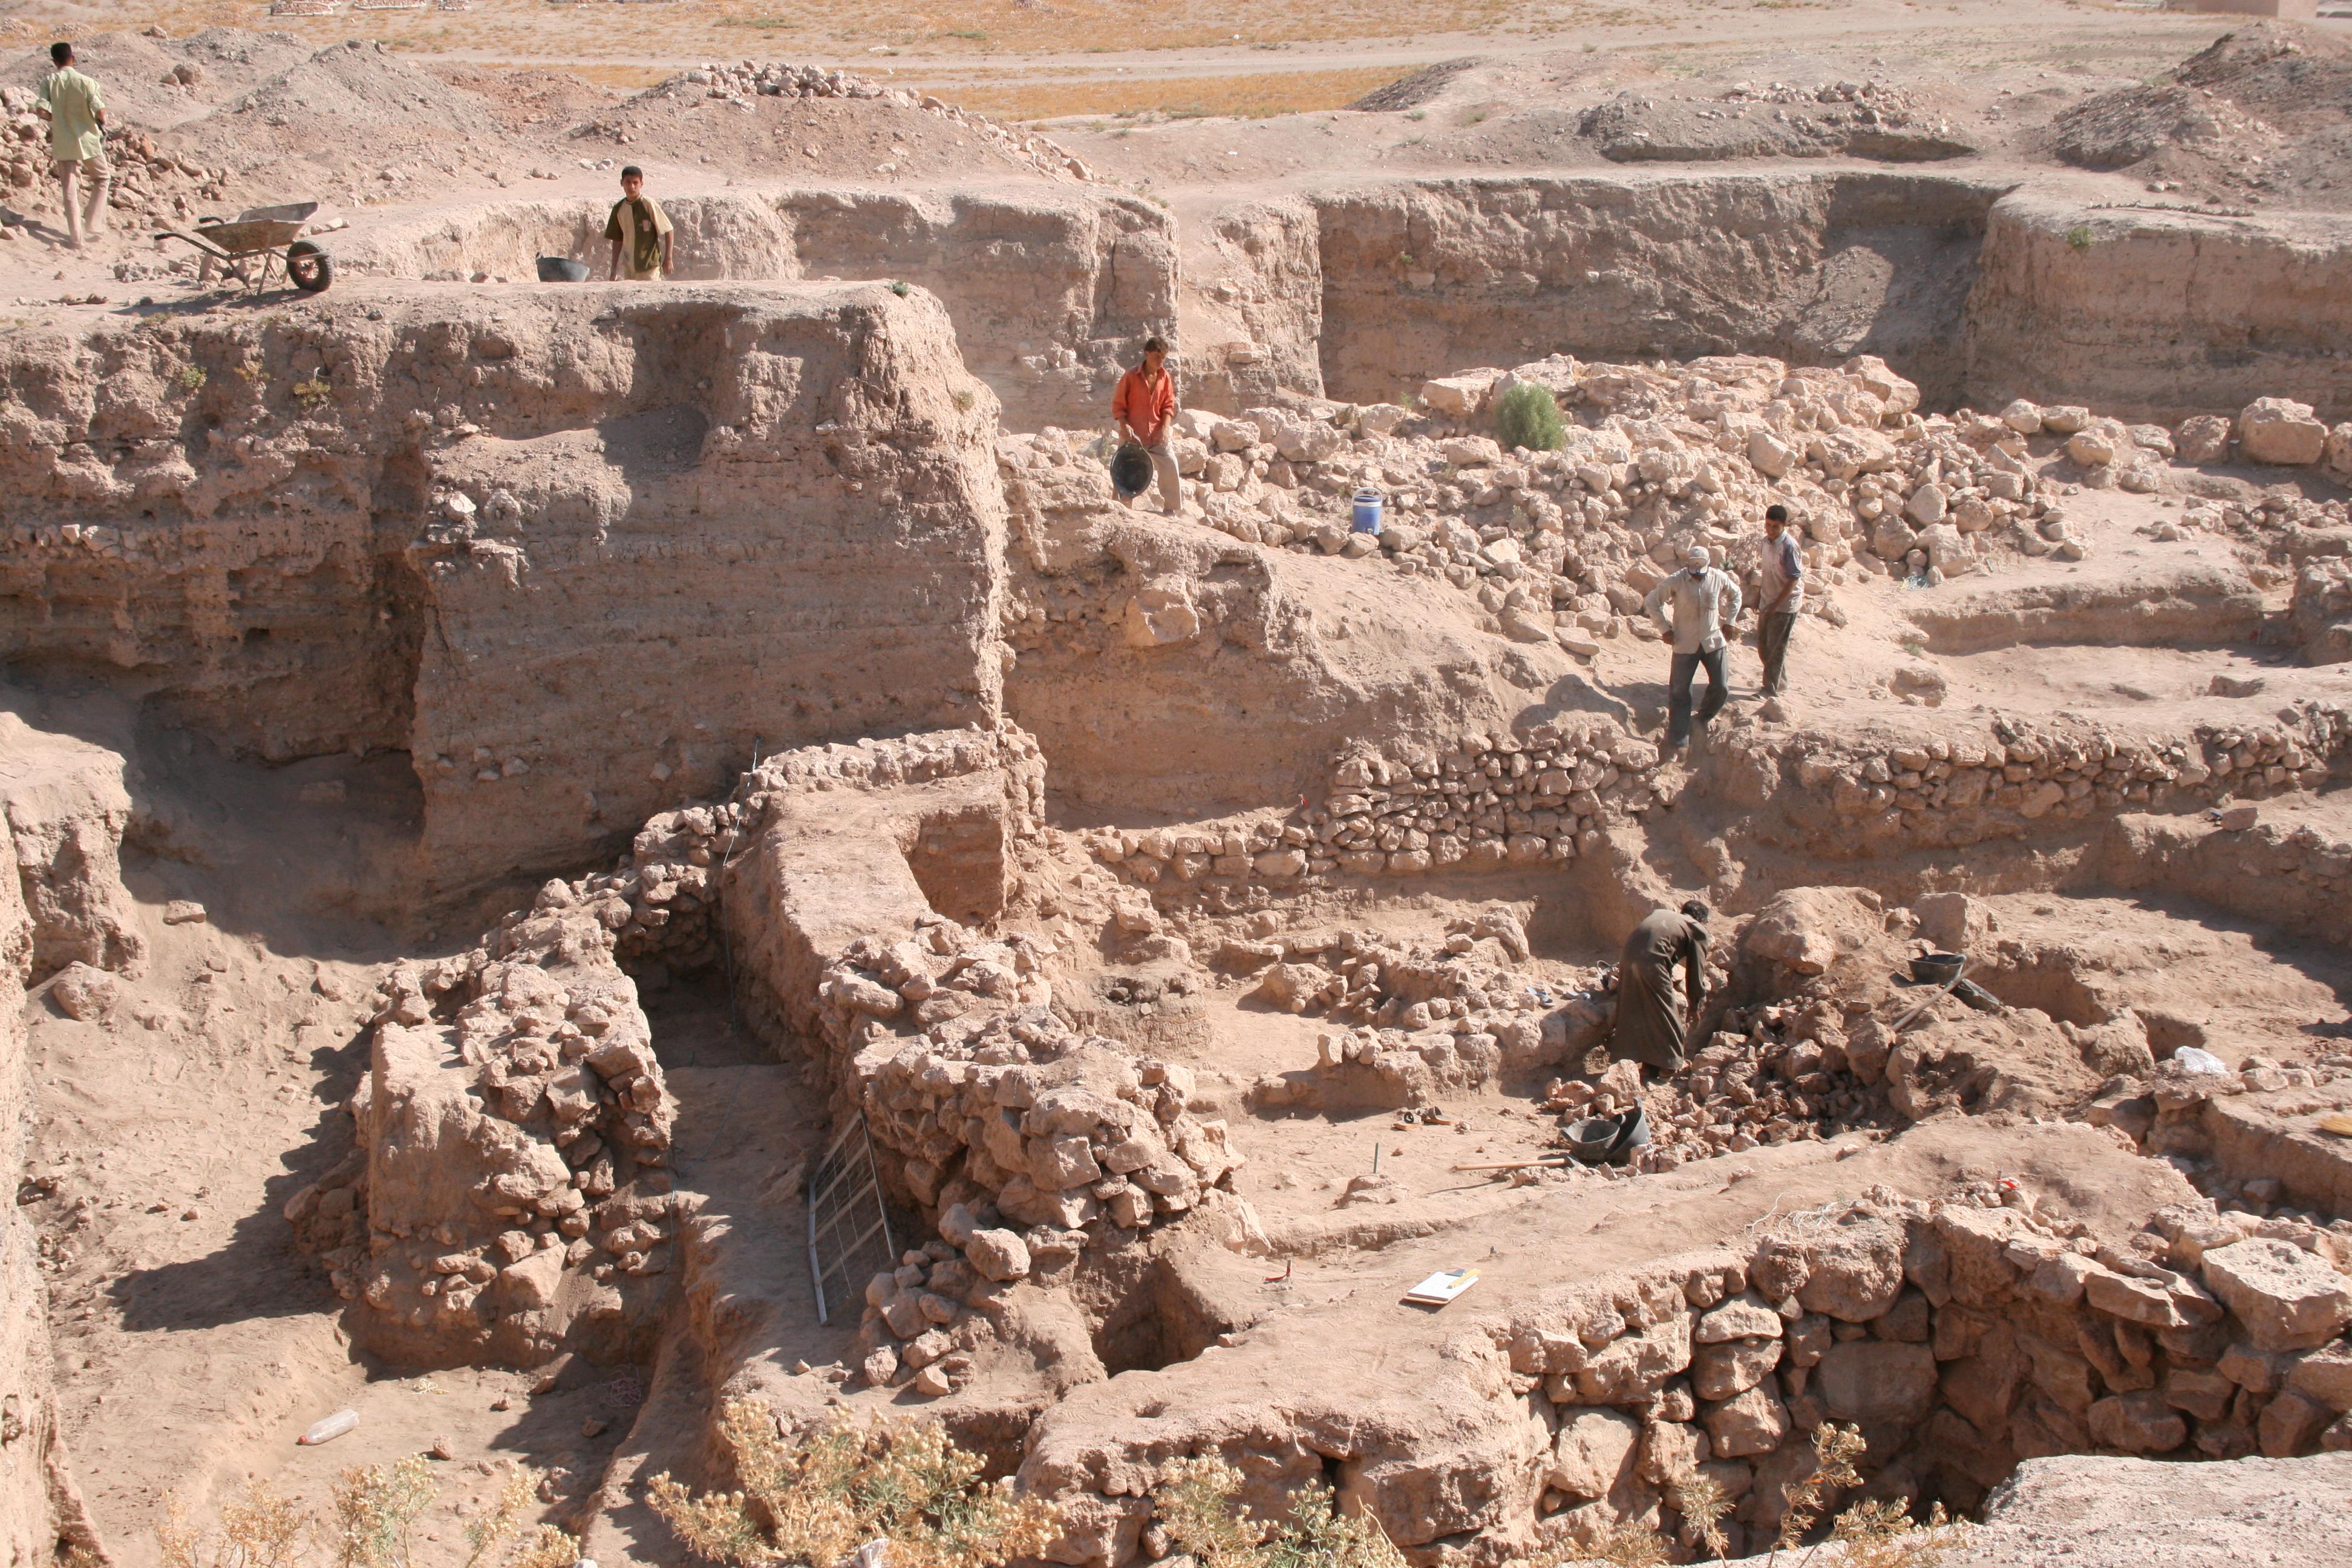 Bronze Age Excavation at Umm El-Marra